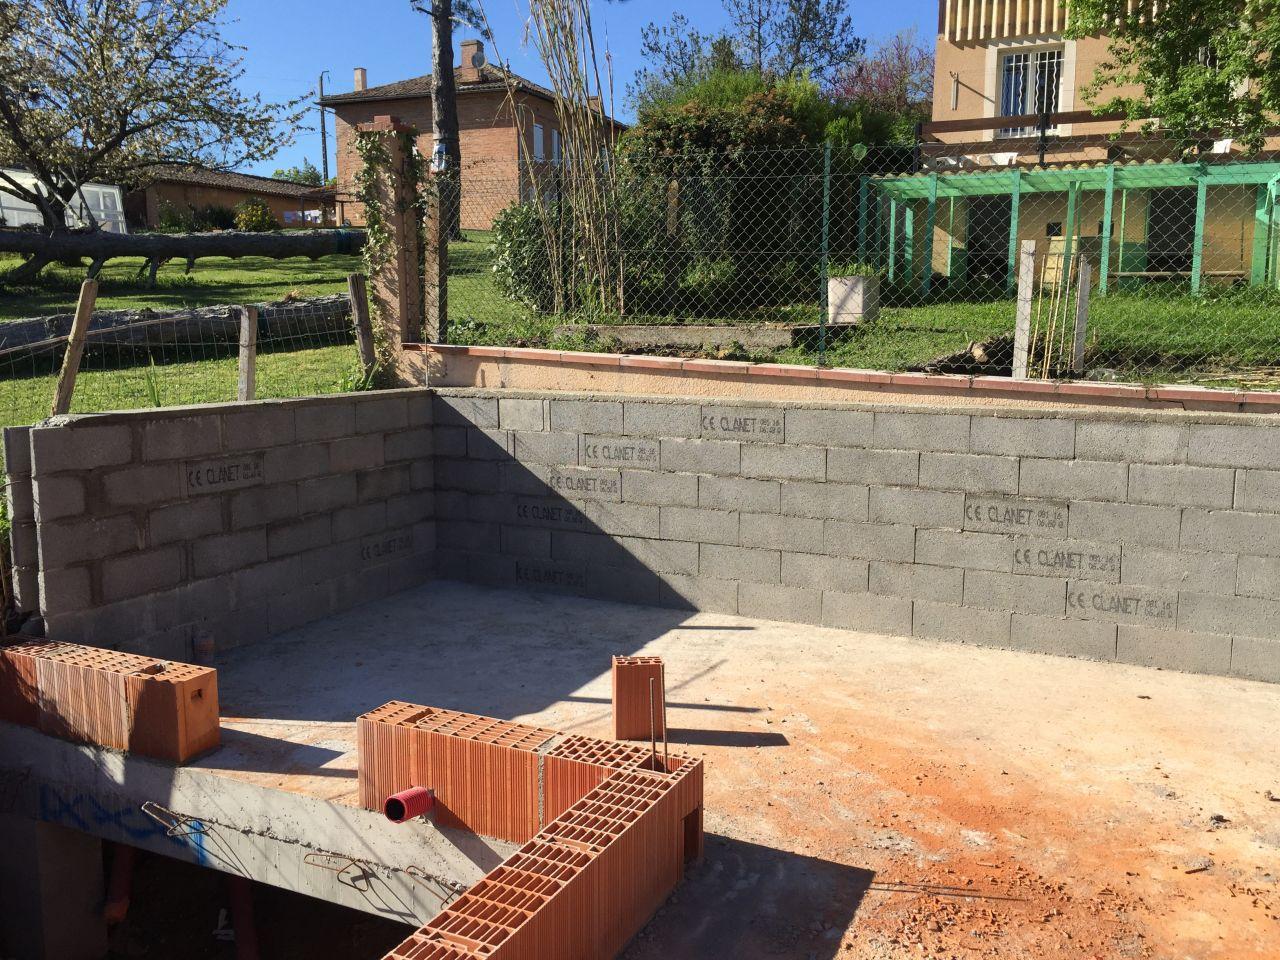 Photo mur du garage el vation des murs tage haute for Isoler les murs du garage